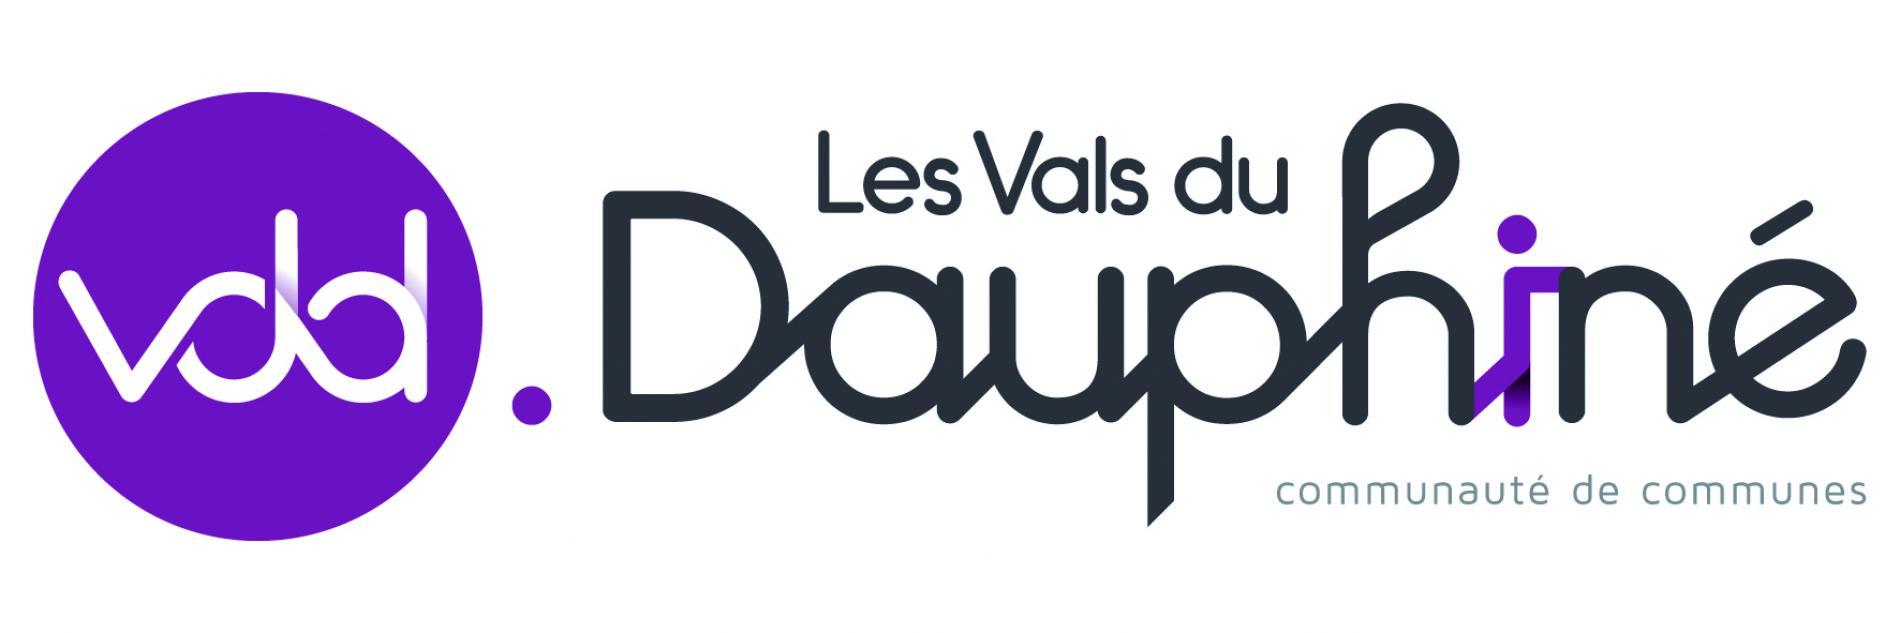 PLUi Ouest & Zonage d'Assainissement - Communauté de Communes Les Vals du Dauphiné